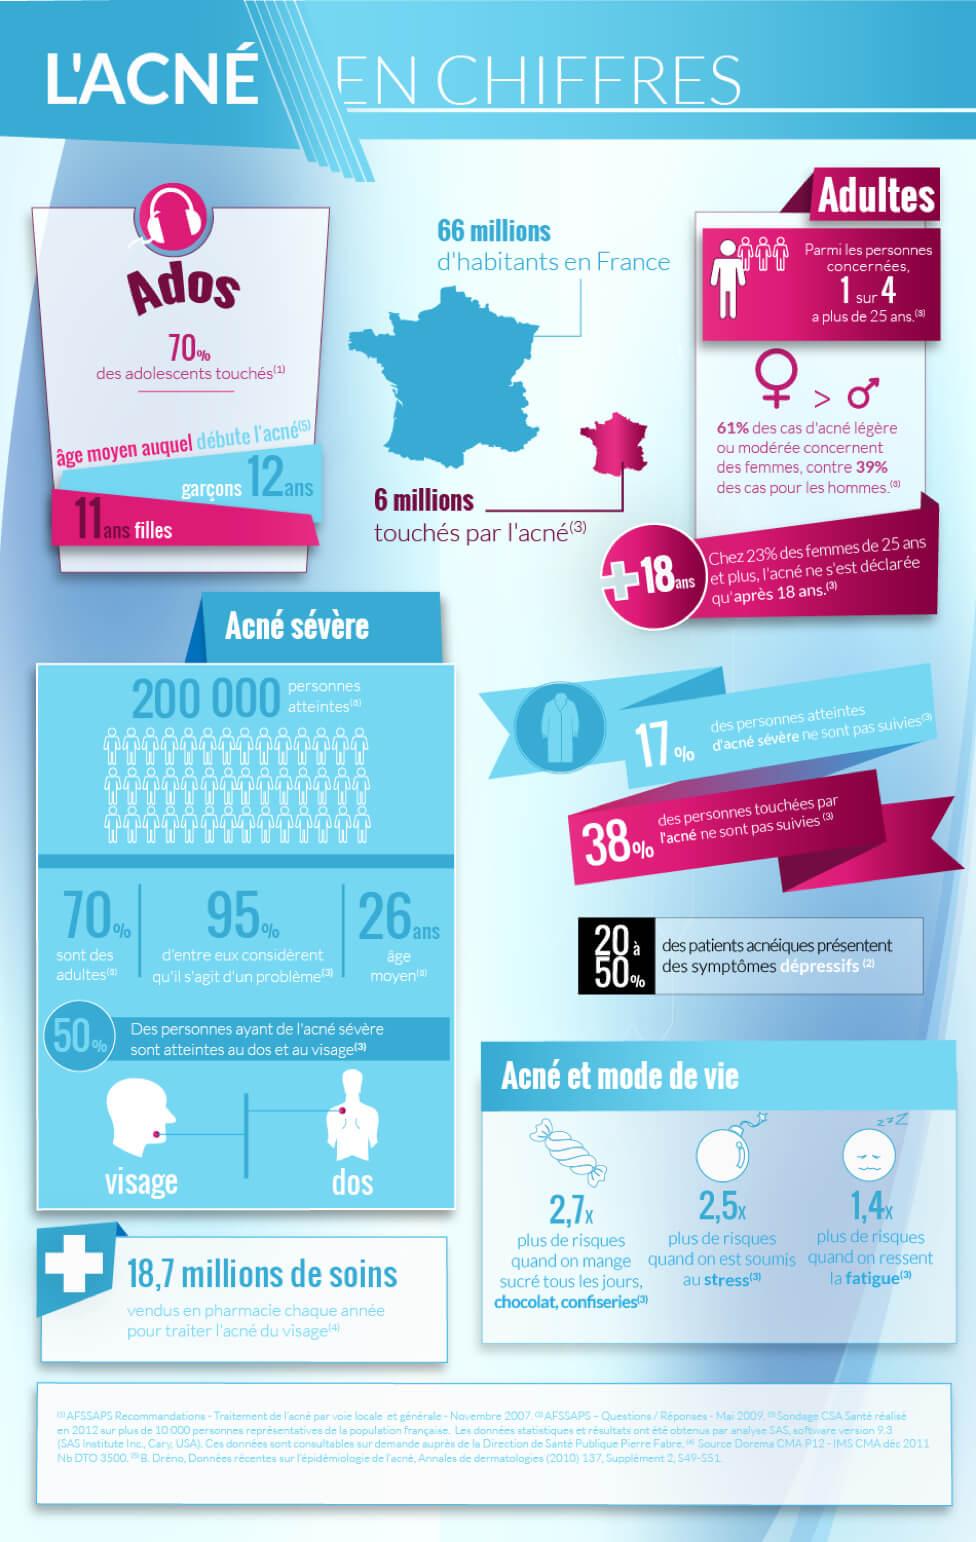 L'acné en chiffres : 70% des adolescents touchés. Age moyen pour les filles : 11 ans. Pour les garçons : 12 ans. 6 millions de français touchés par l'acné. 1 personne touchée sur 4 a plus de 25 ans.